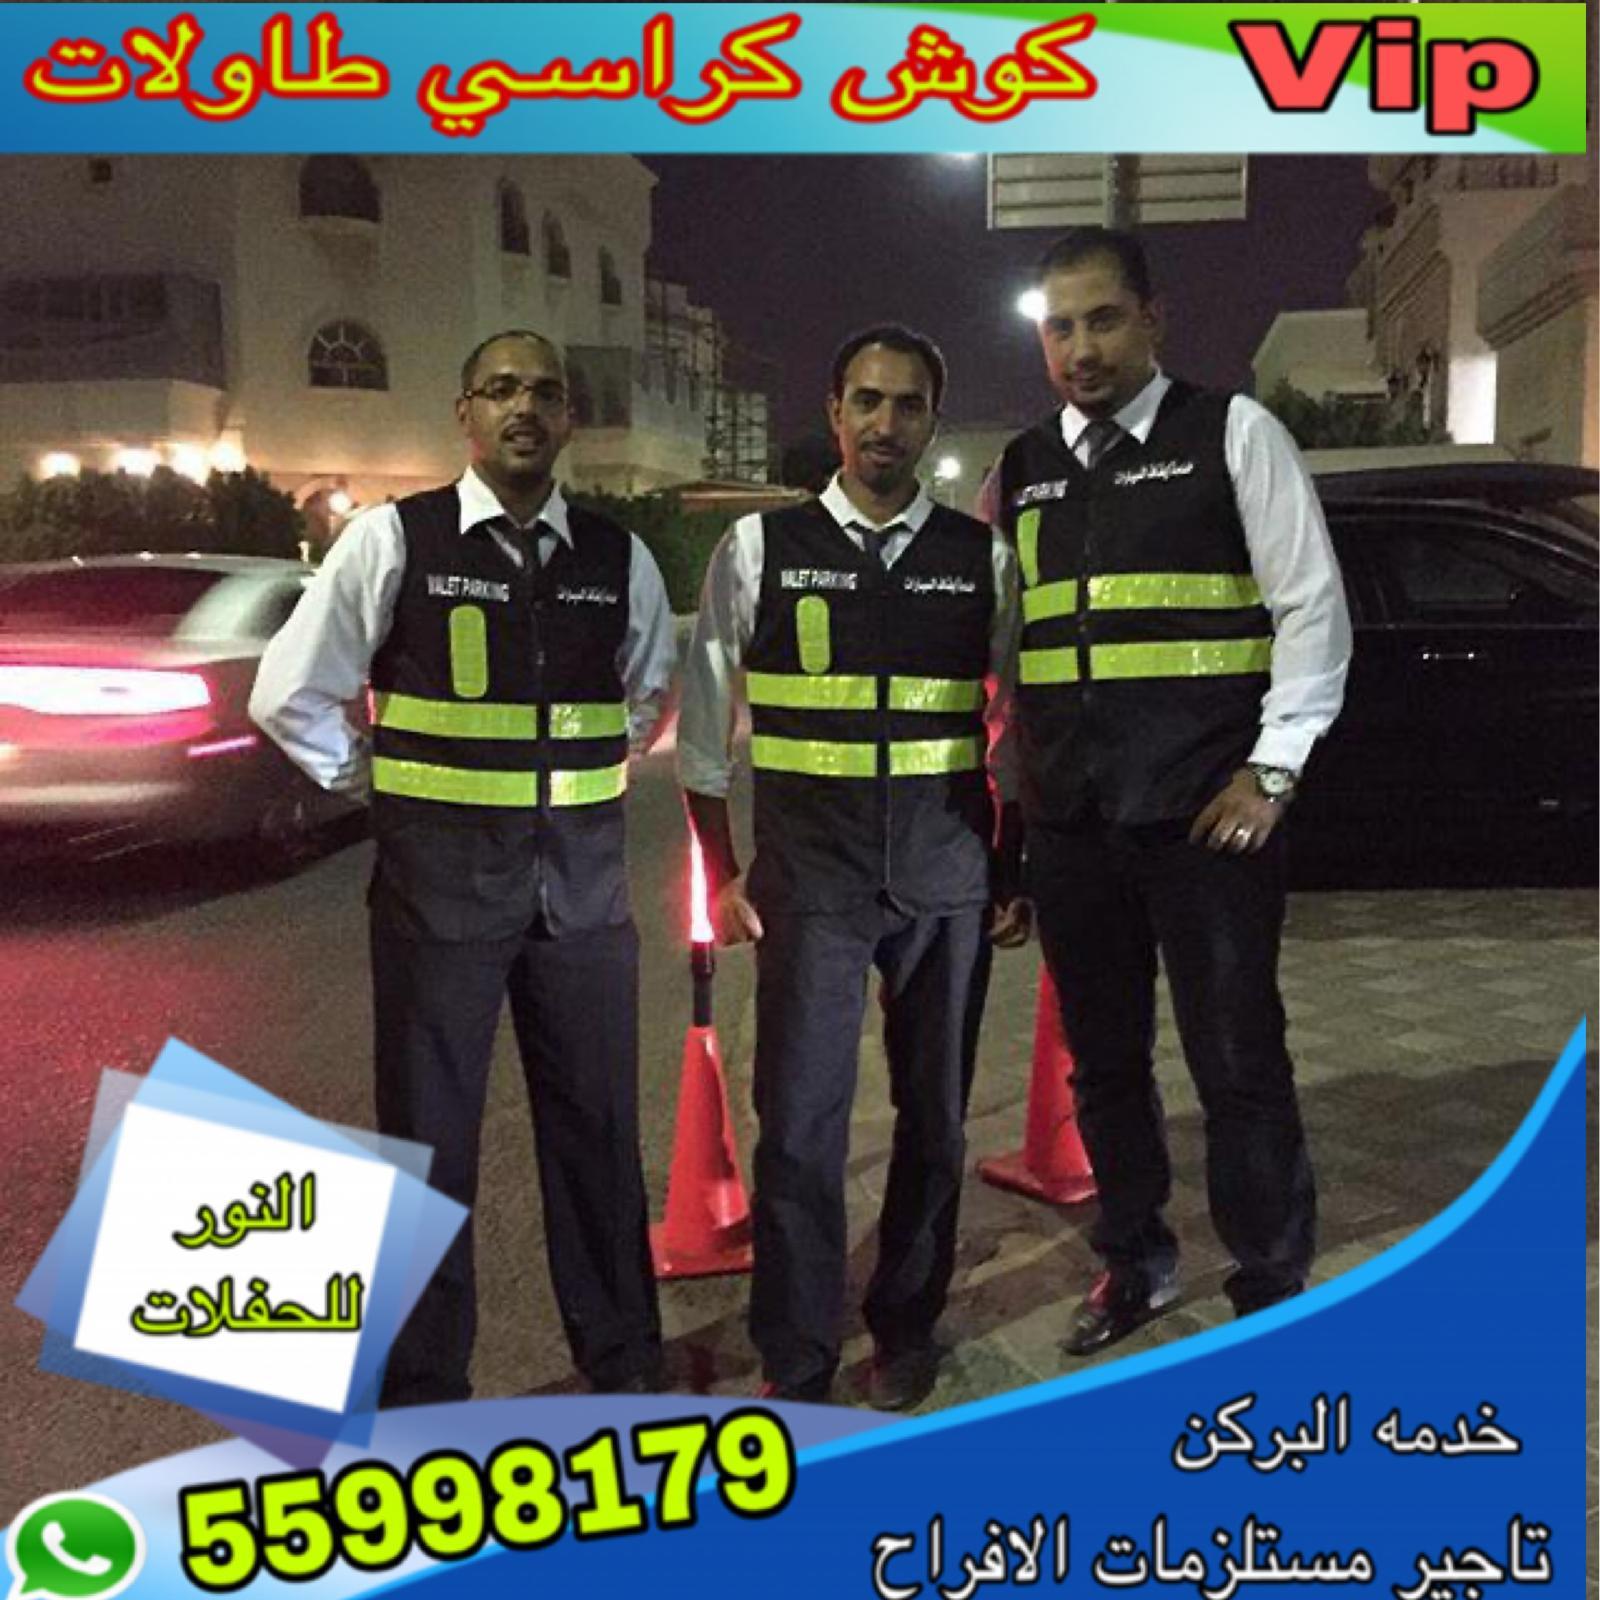 خدمه فاليه باركن الكويت